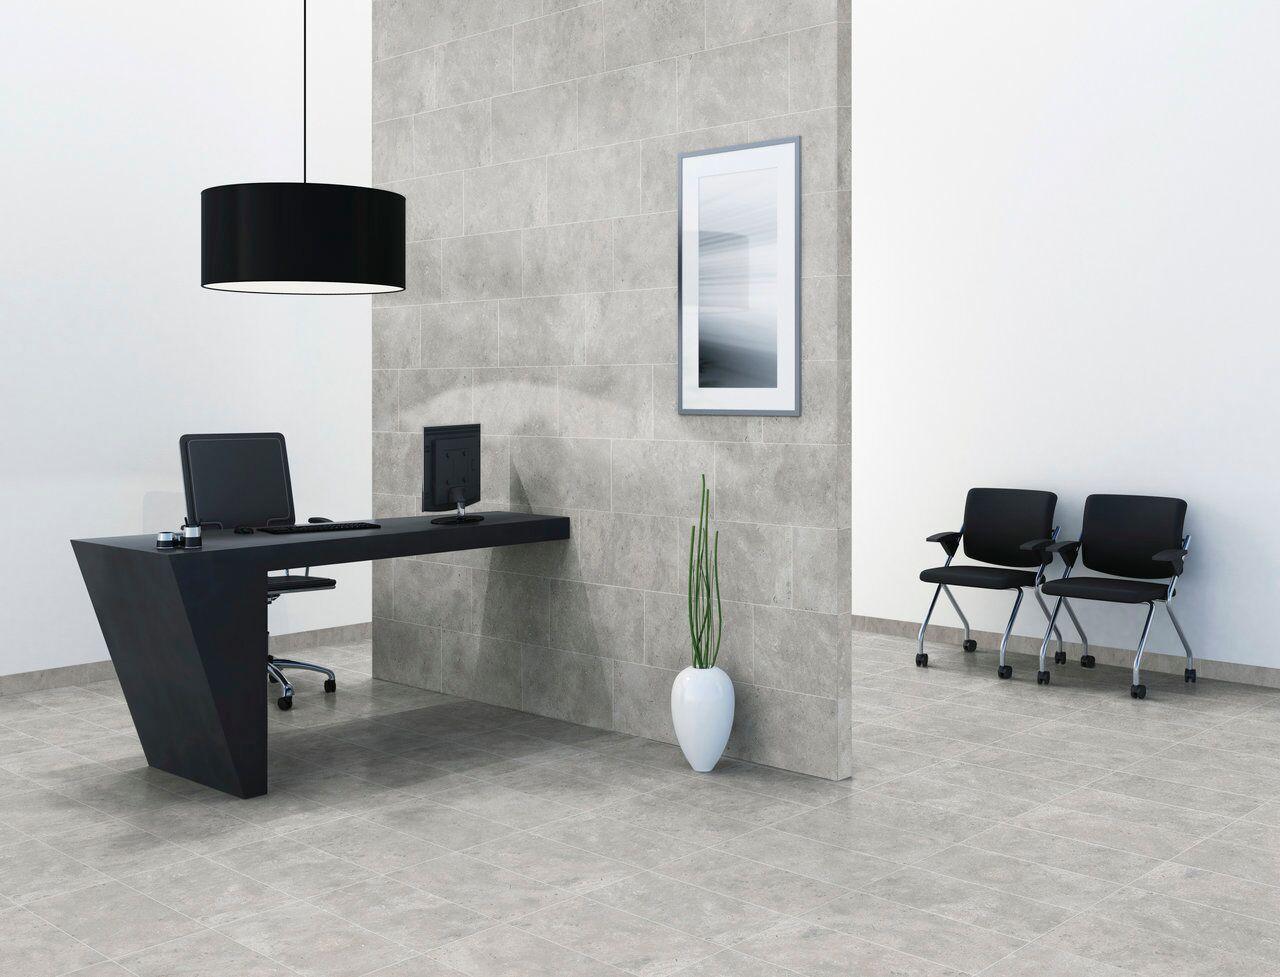 FI - Fiandre - Shellstone - Shellgrey - Porcelain - Living Spaces.jpeg